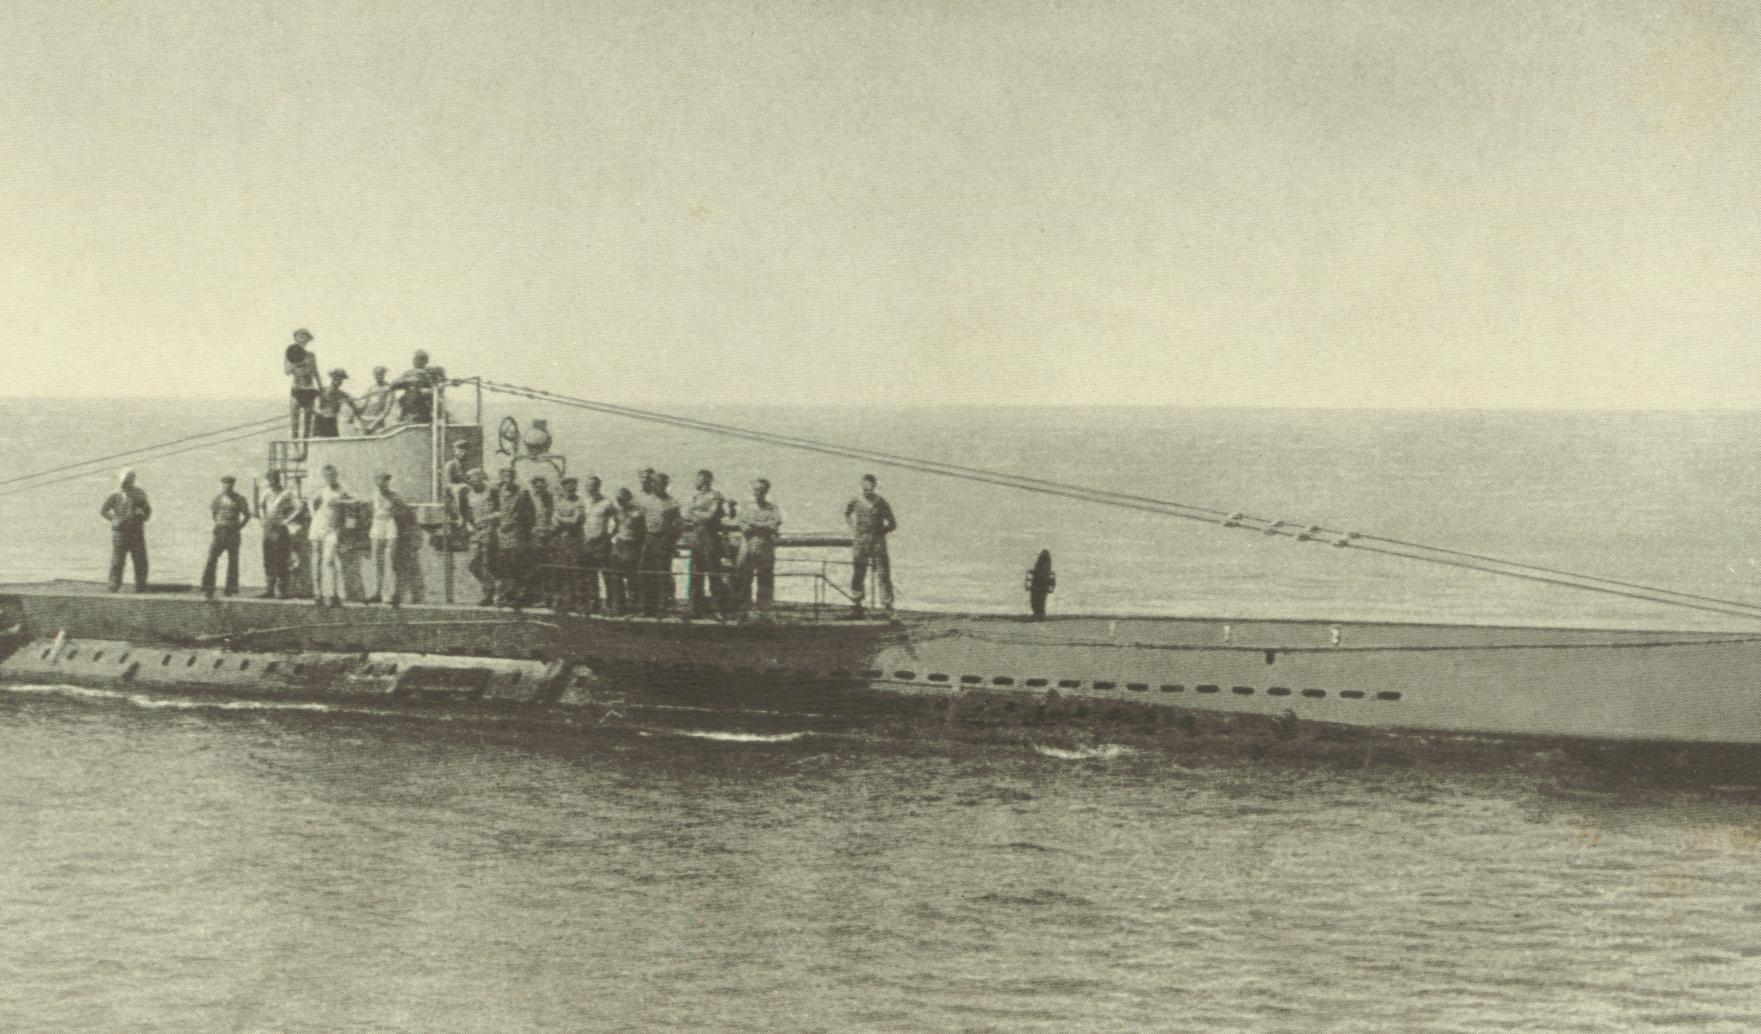 Na podzim 1916 torpédovala U-35 transportní loď Gallia, což se změnilo v nepěkný masakr, neboť zde zahynulo 1338 vojáků.